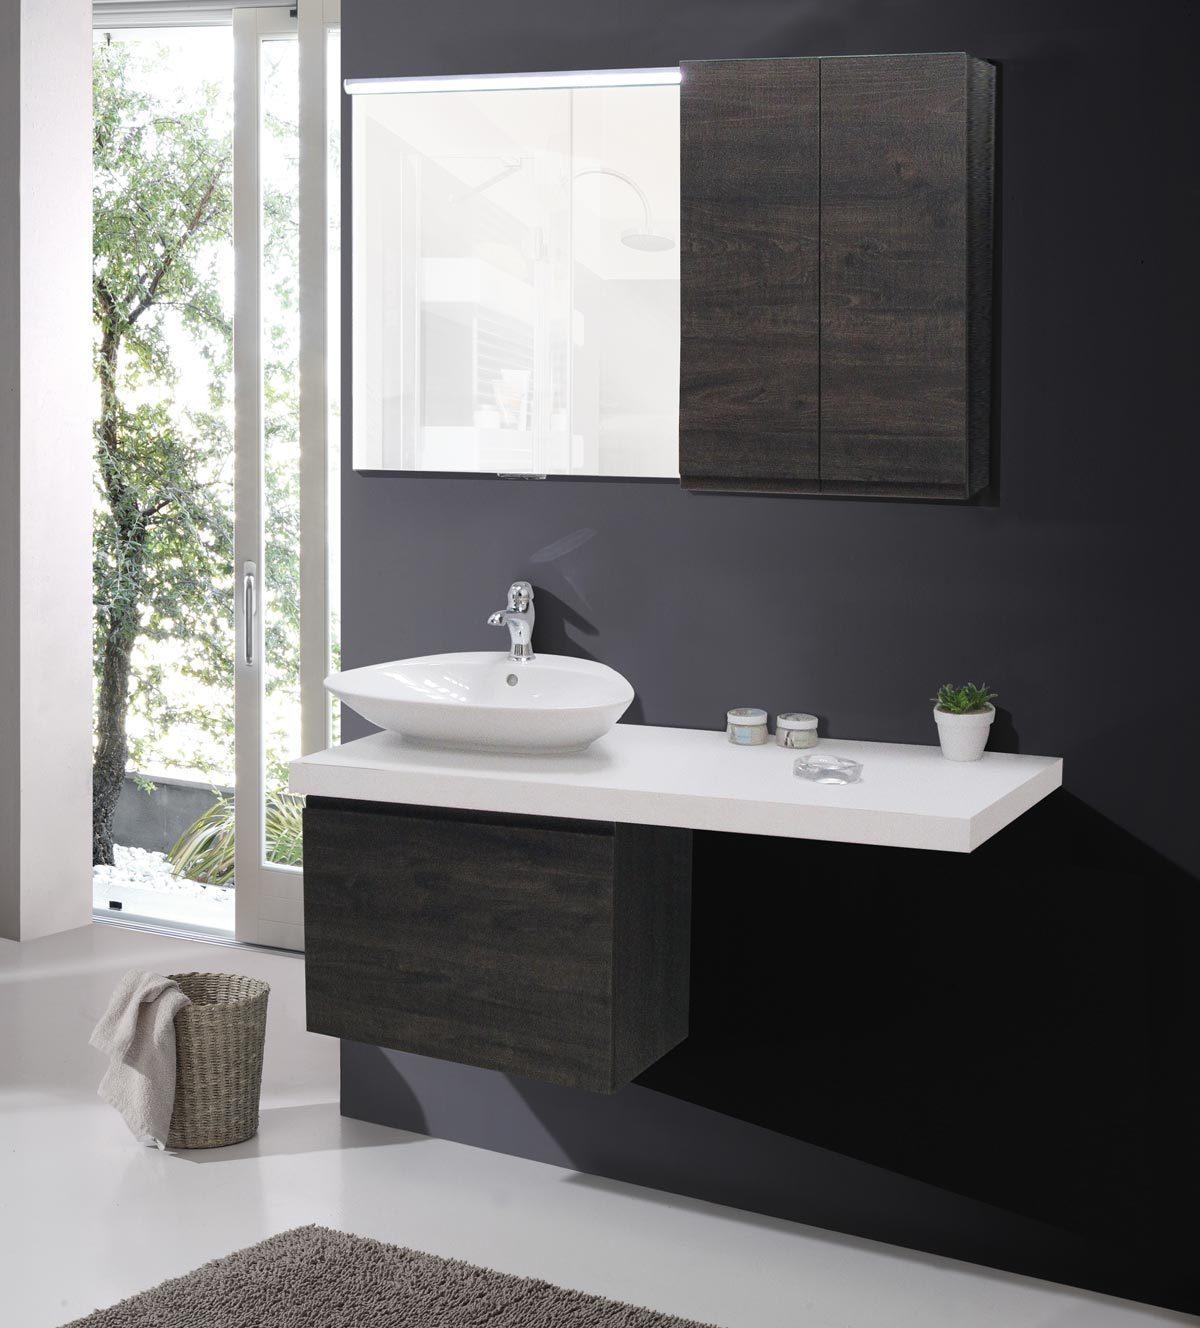 Bagni moderni completi prezzi cucina in muratura con isola divano letto con materasso cm - Arredo bagno torino offerte ...